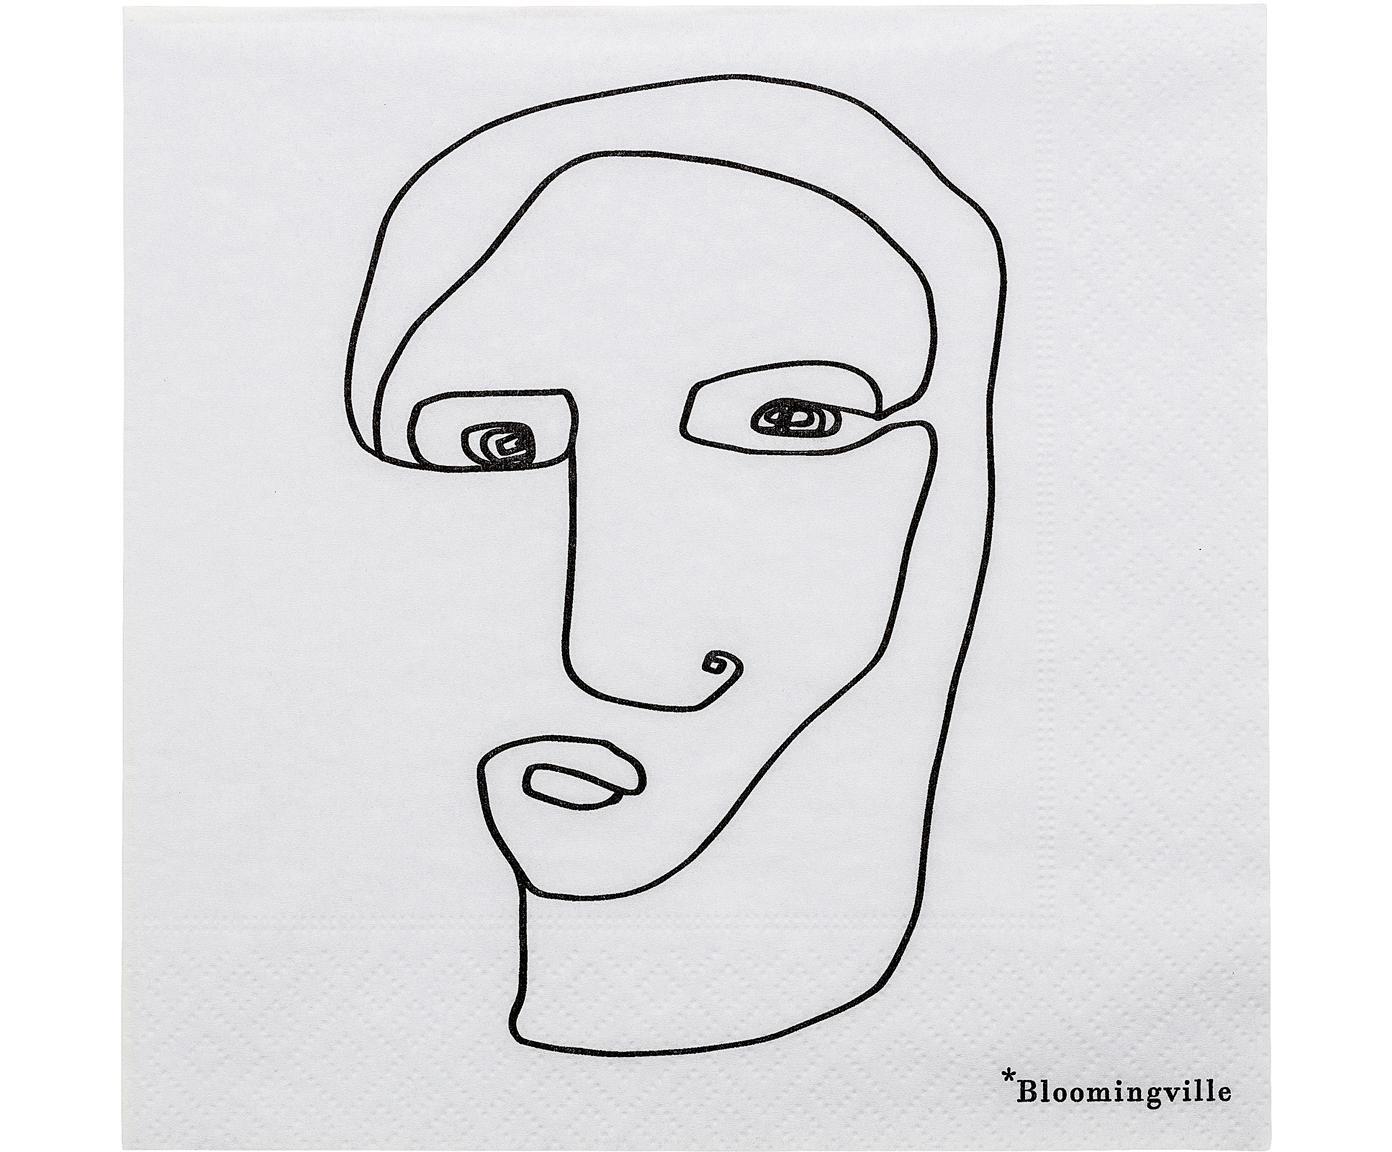 Papier-Servietten Visage, 20 Stück, Papier, Weiss, Schwarz, 33 x 33 cm